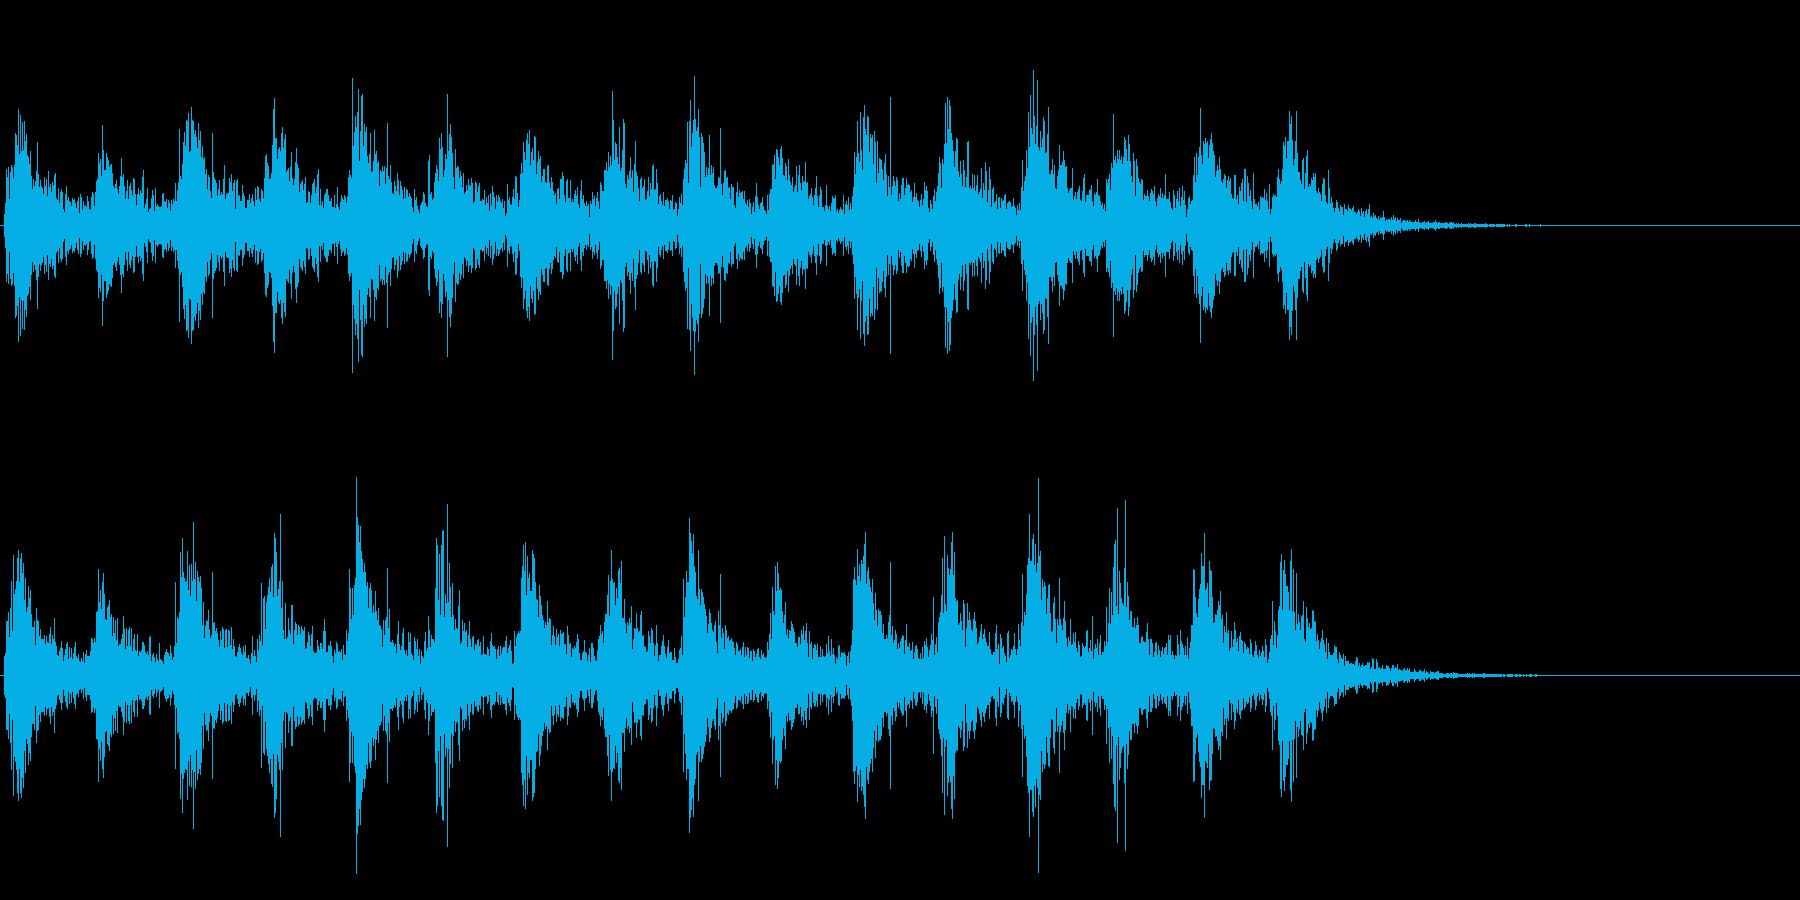 足音 行進の音(軍隊、兵隊、大人数等)6の再生済みの波形